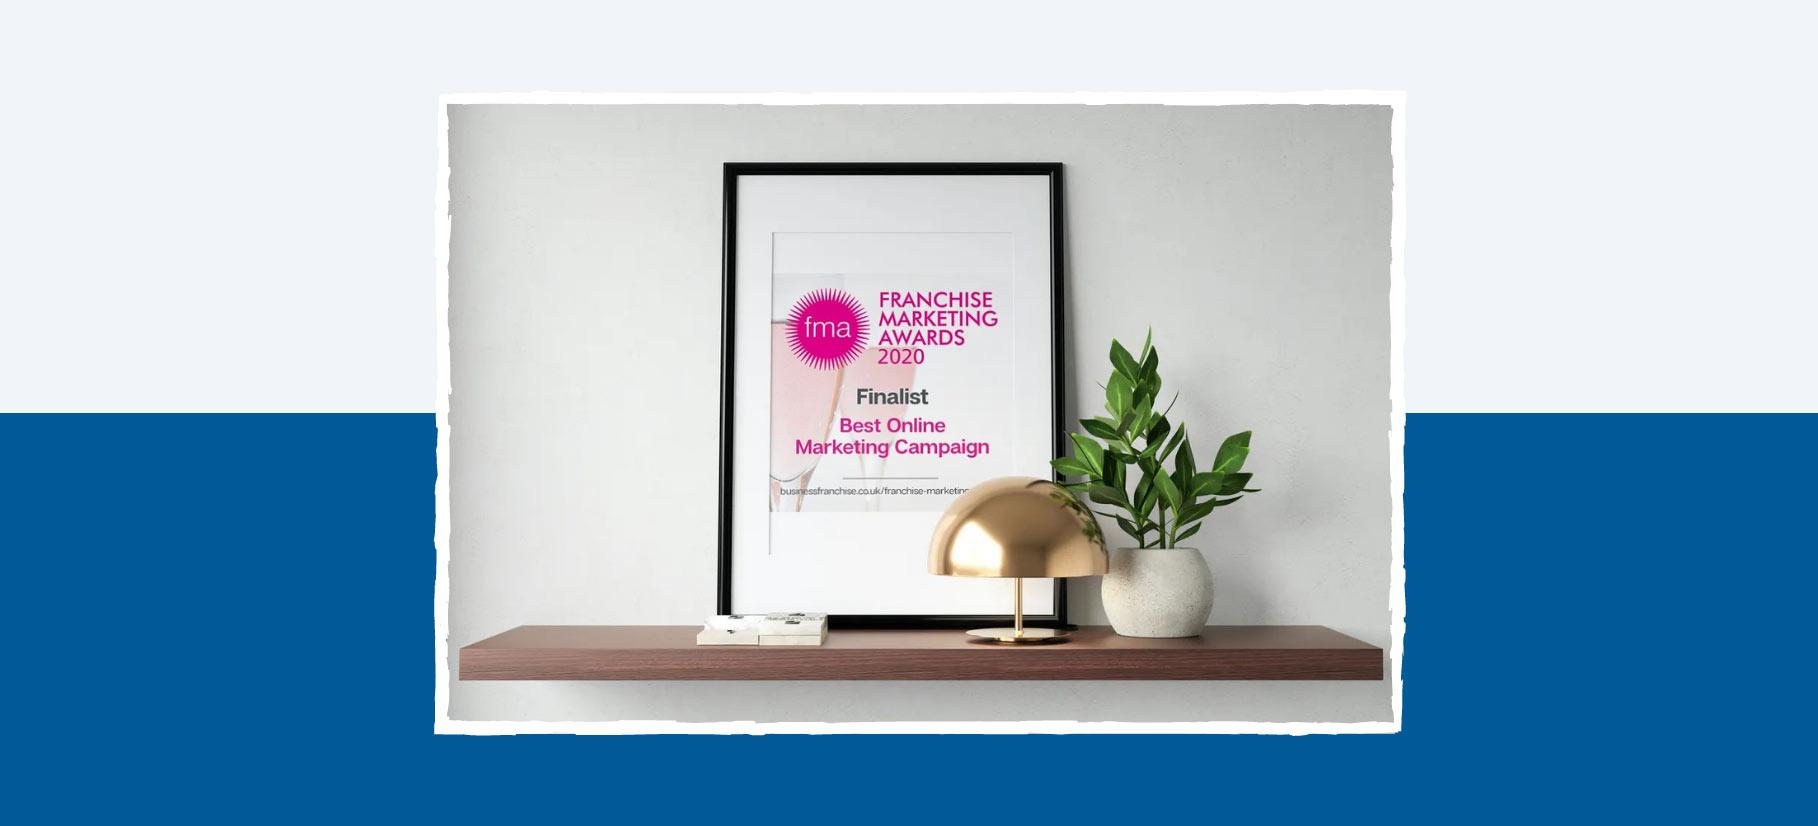 Franchise Marketing Awards